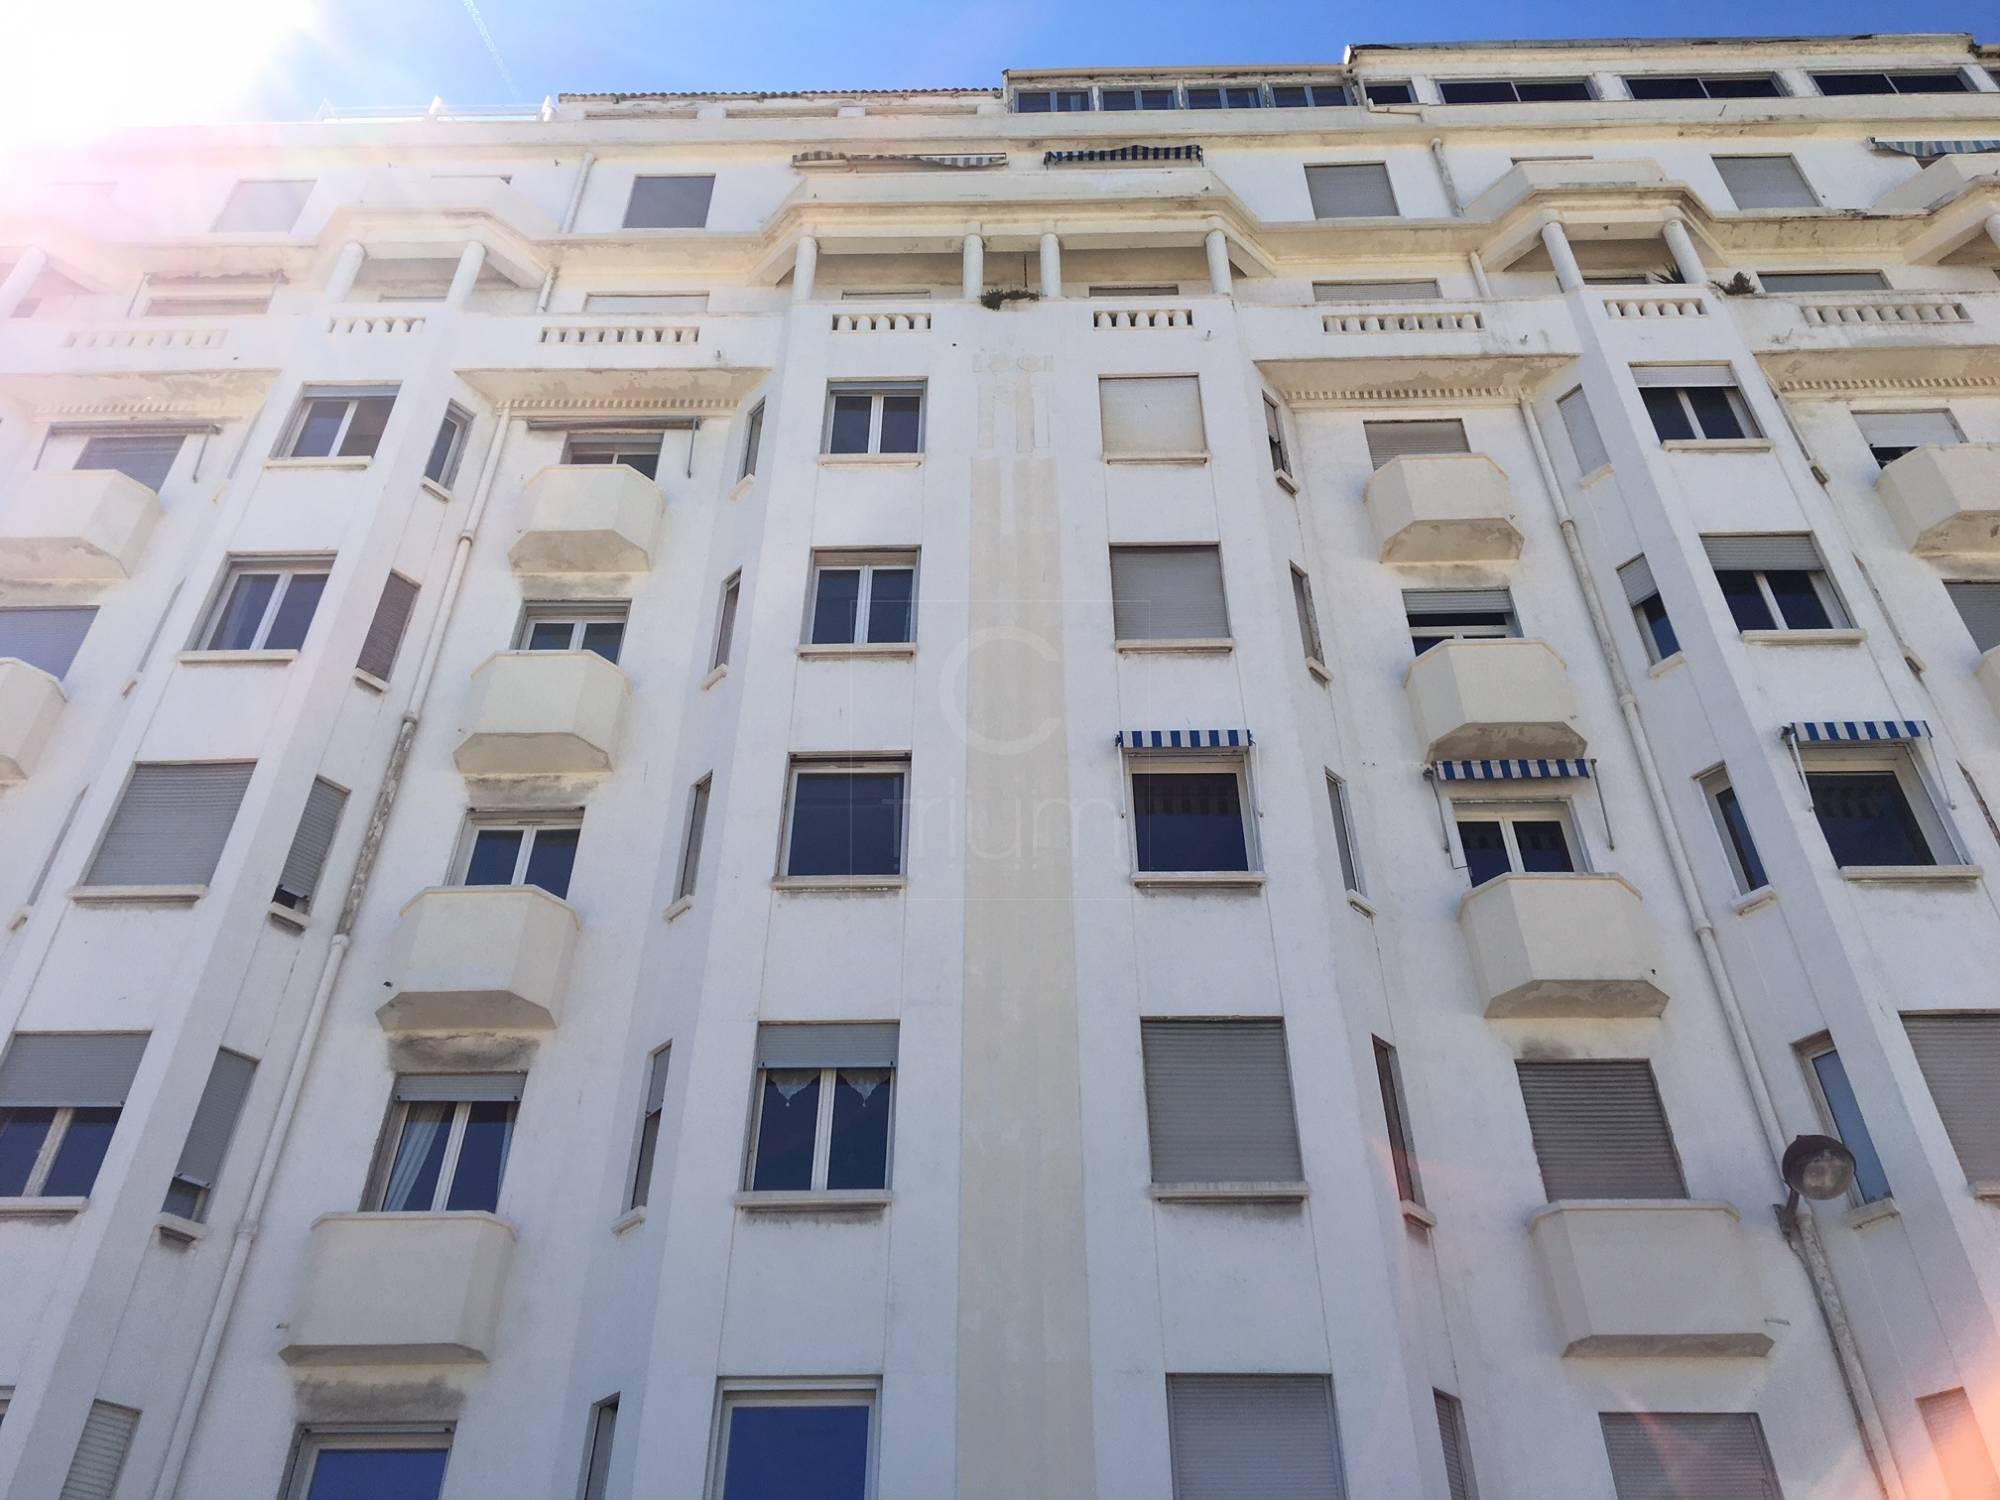 Vente appartement t1 f1 marseille catalans vue mer et for Deco appartement t1